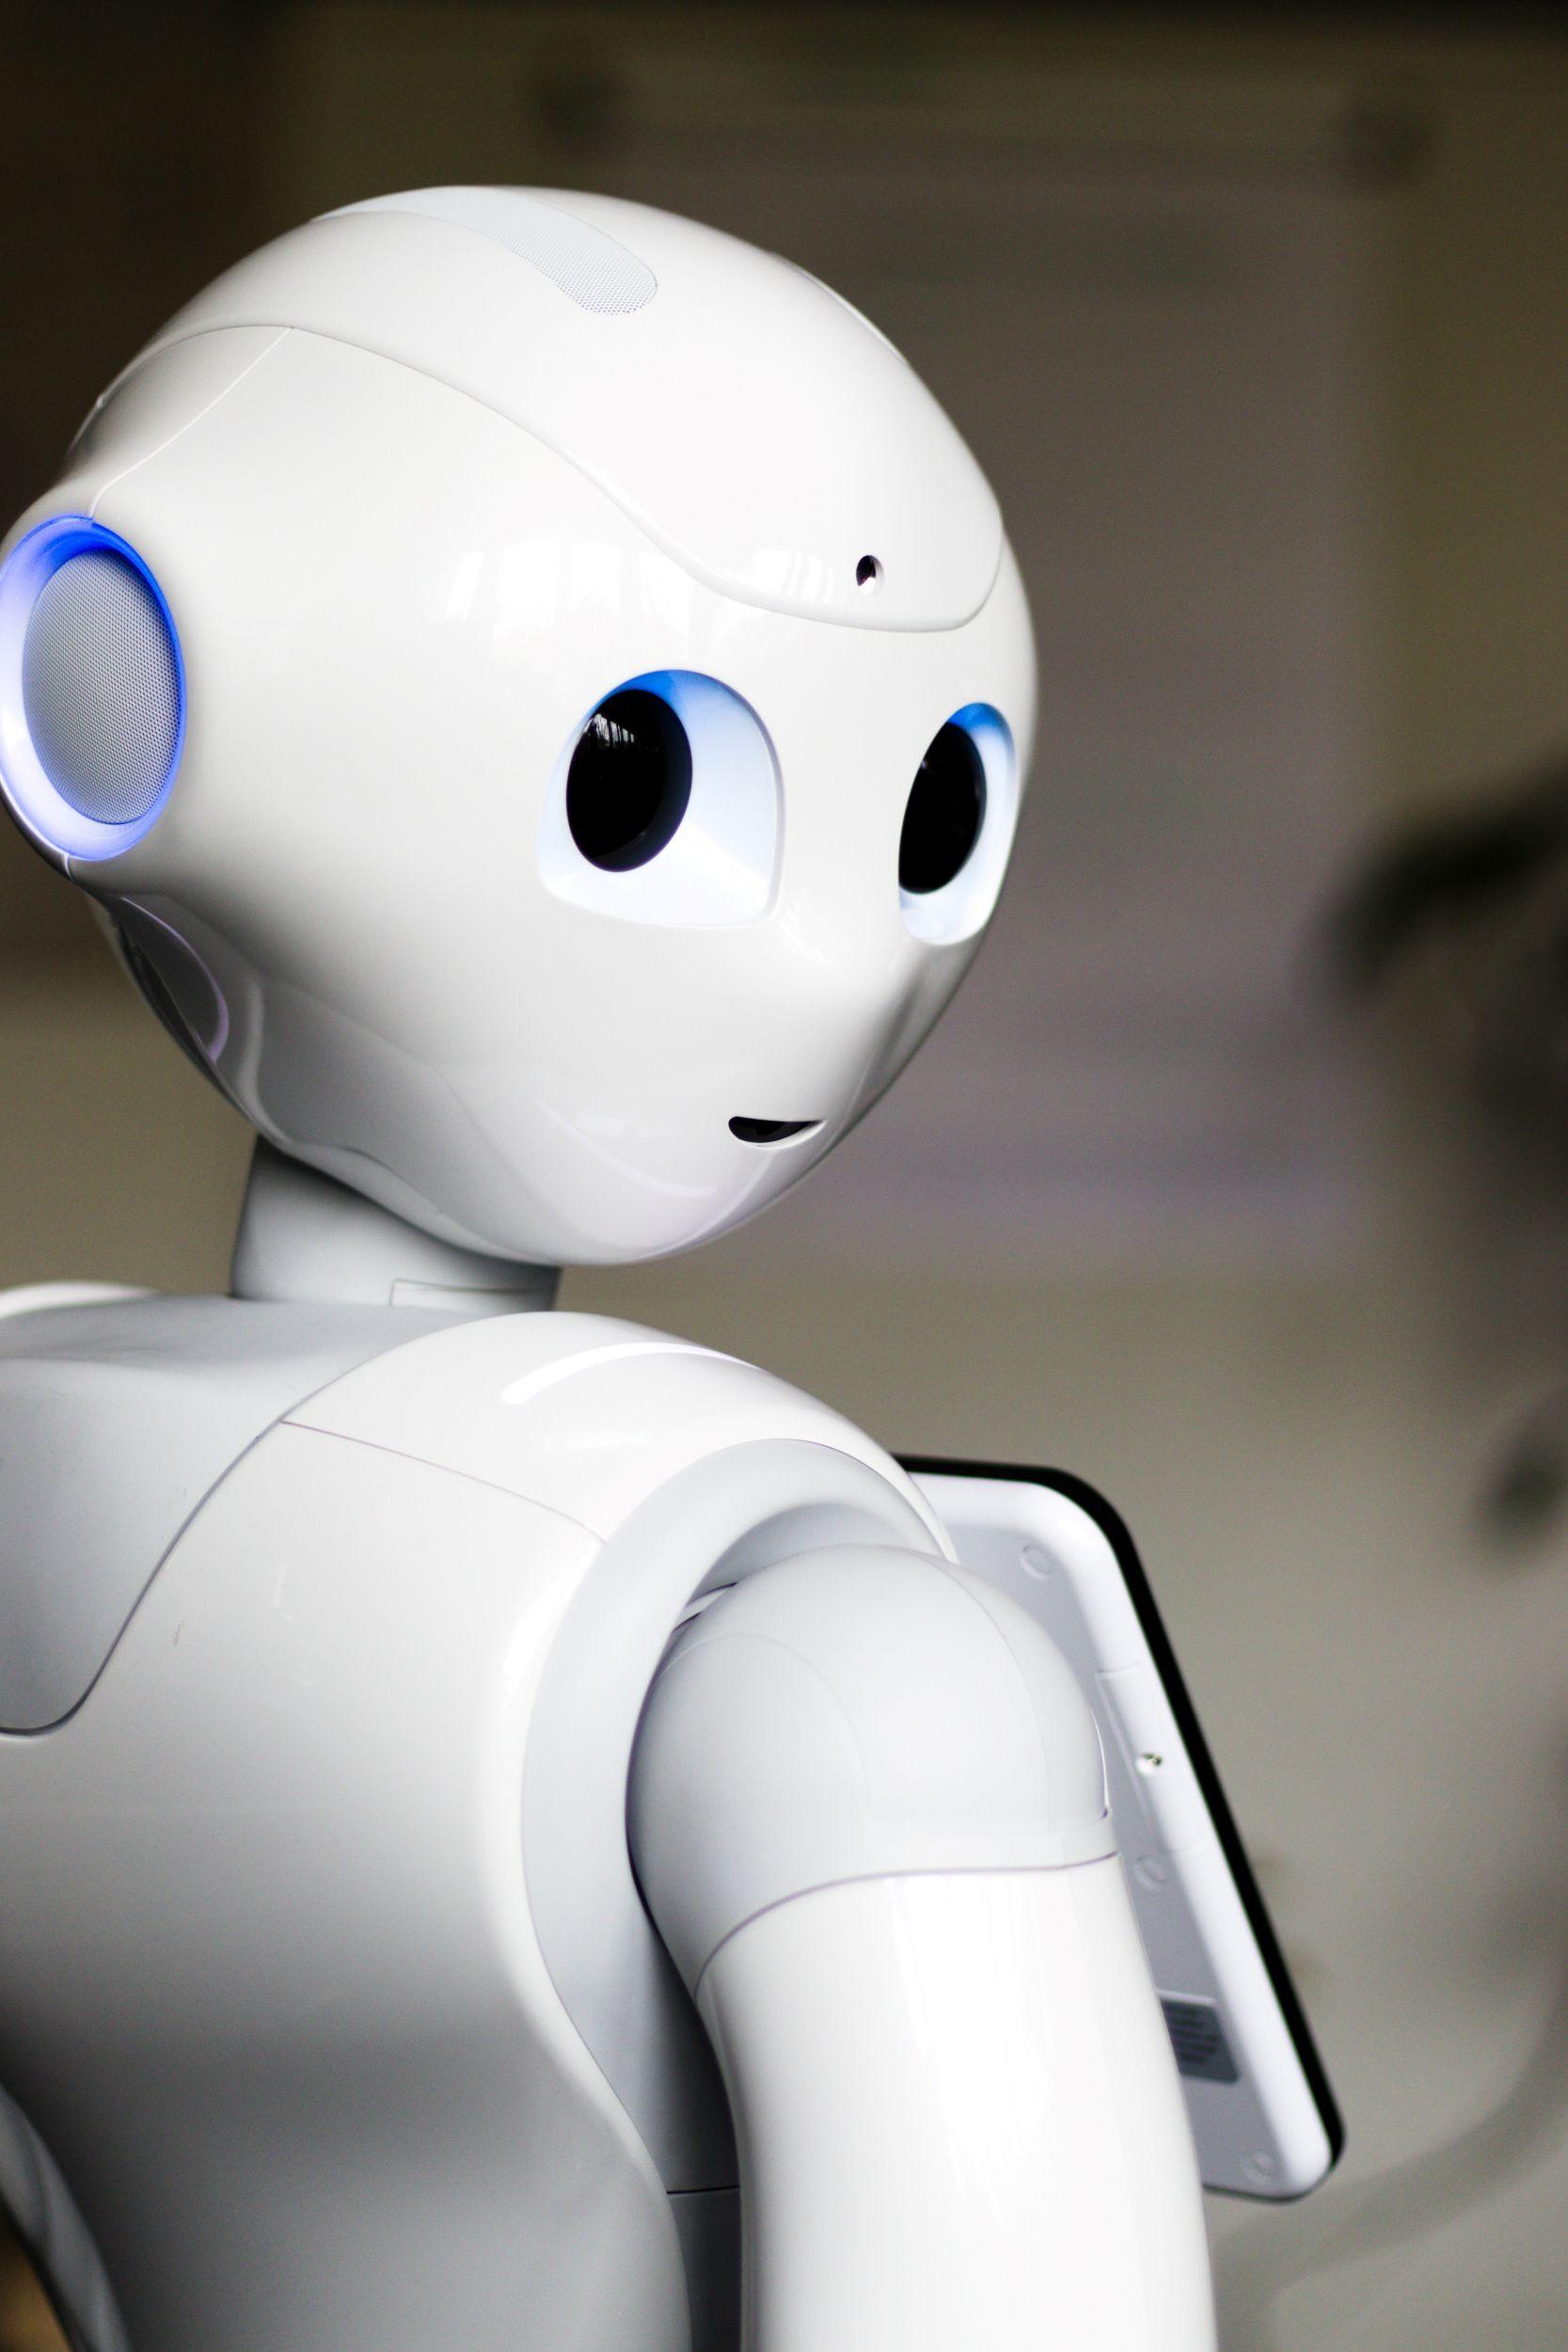 Roboter hilft älteren Menschen